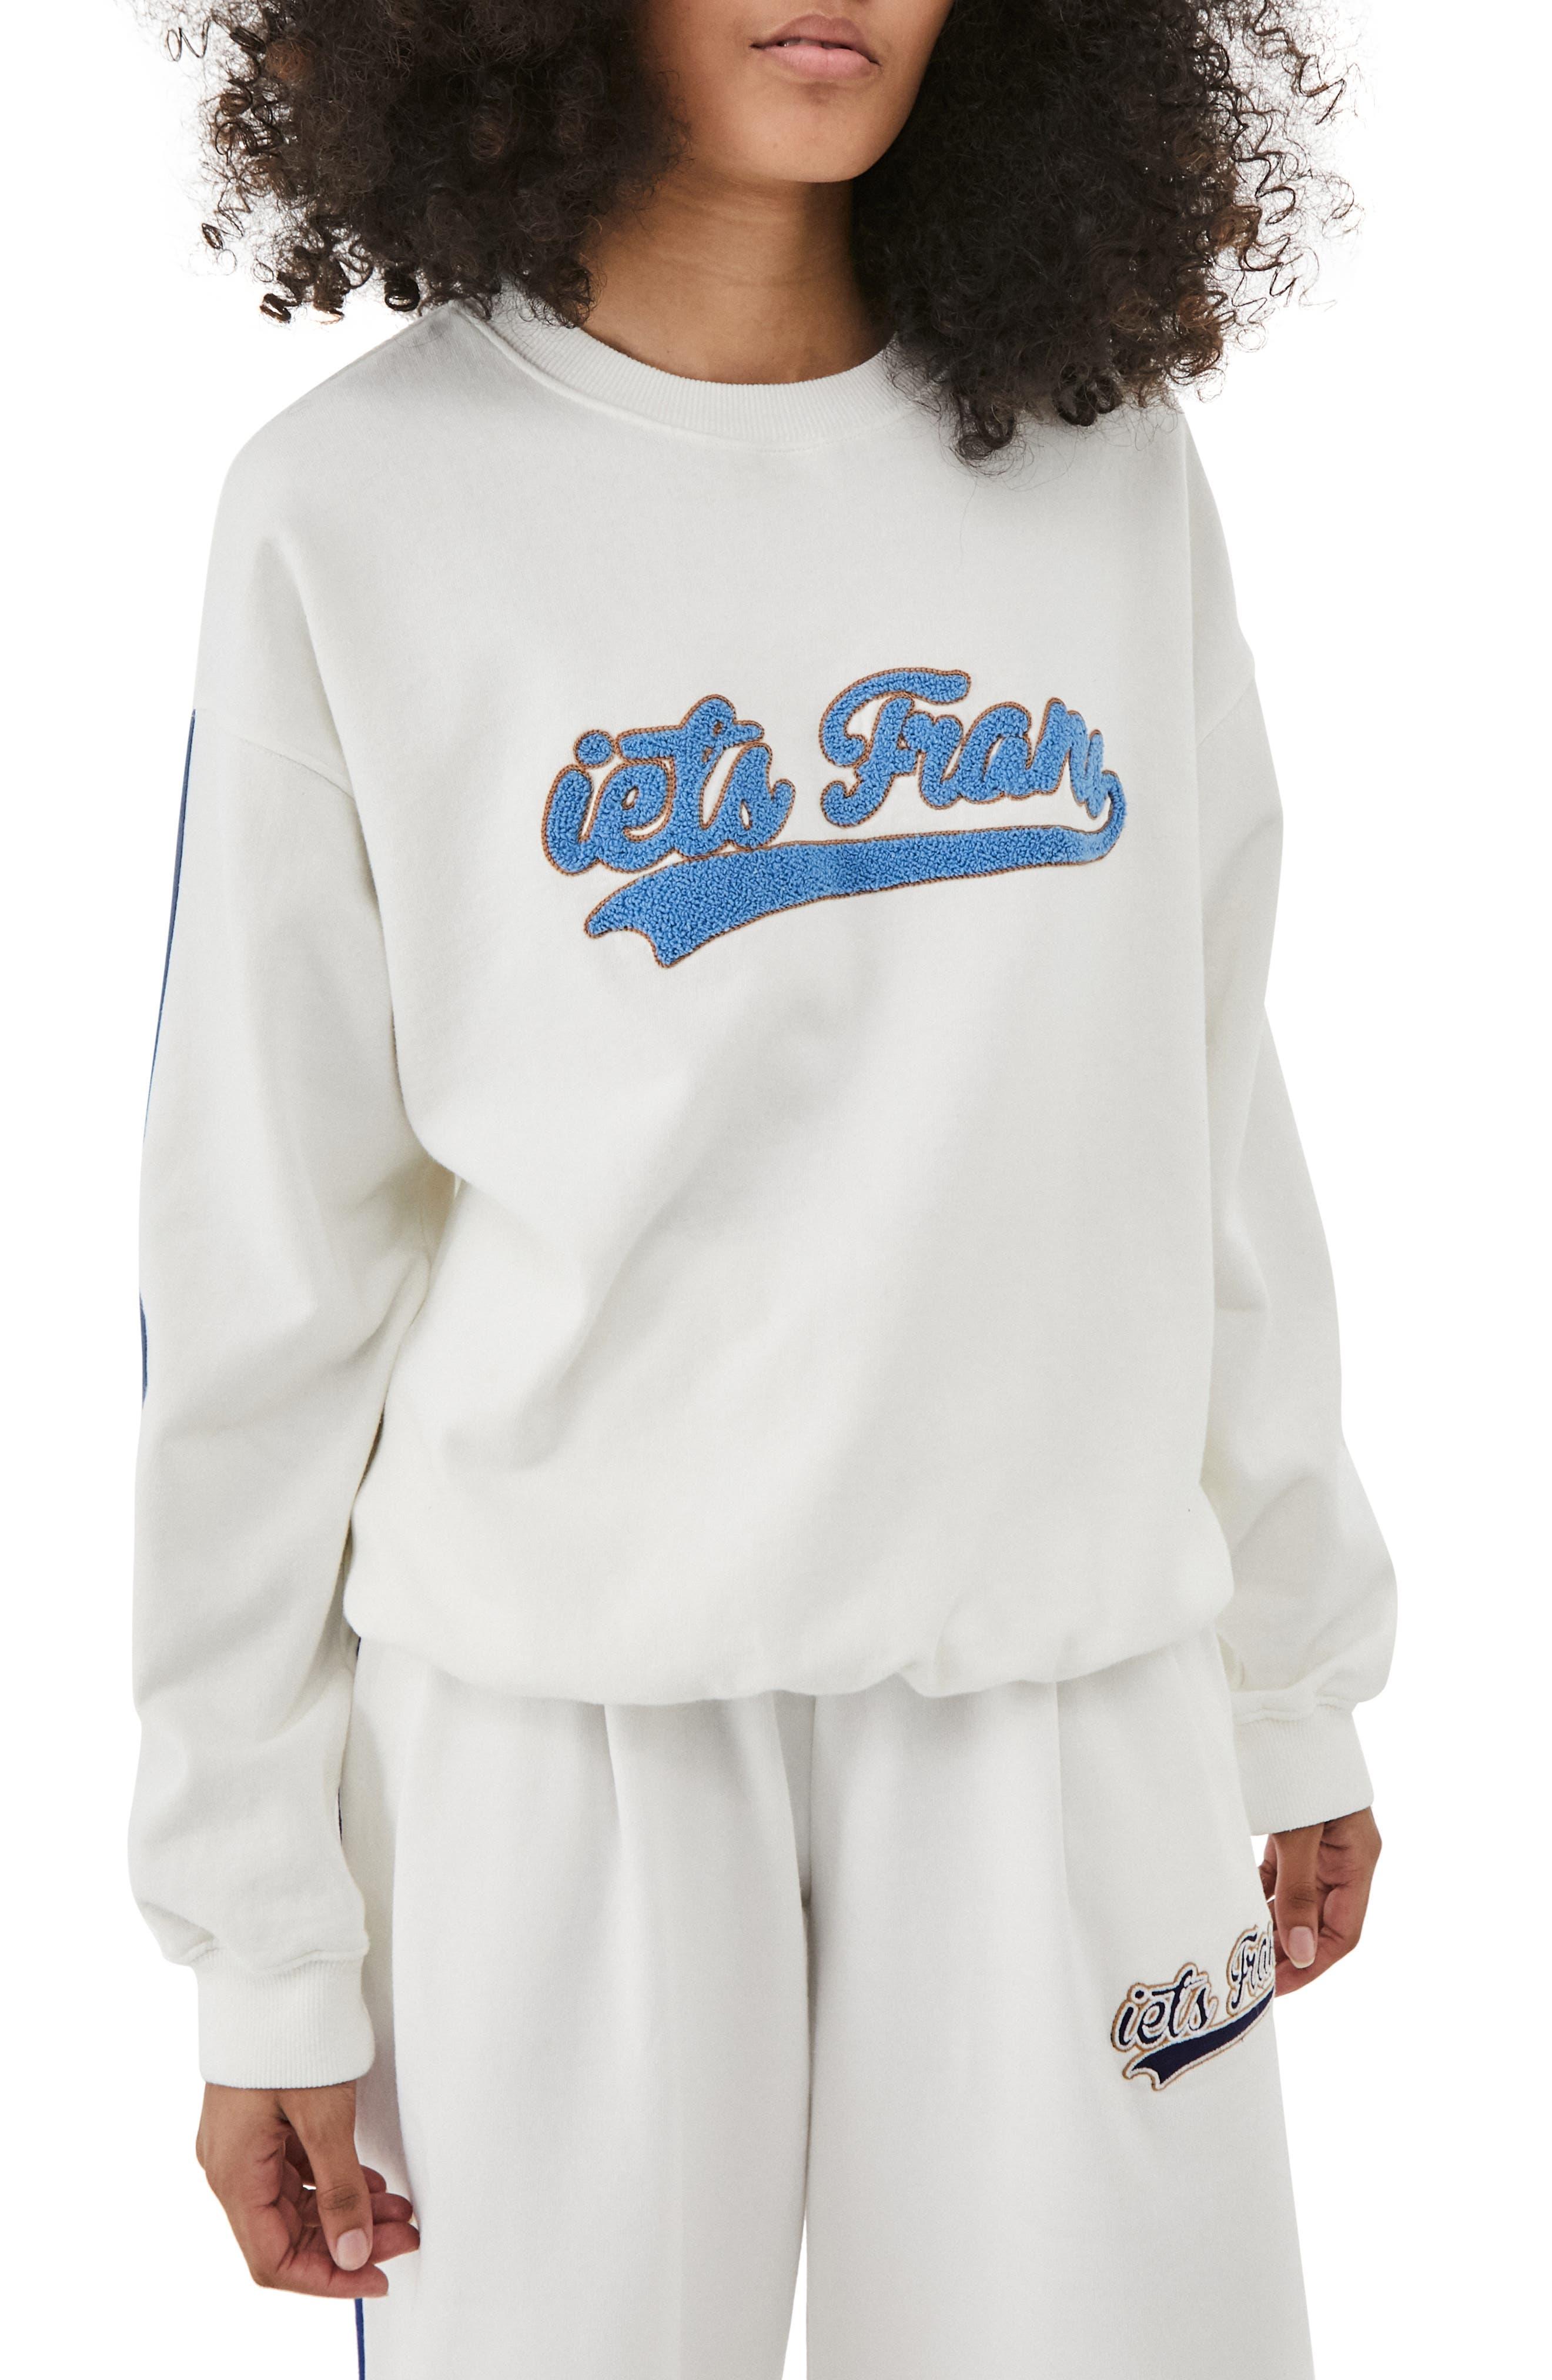 If Sport Script Crewneck Sweatshirt